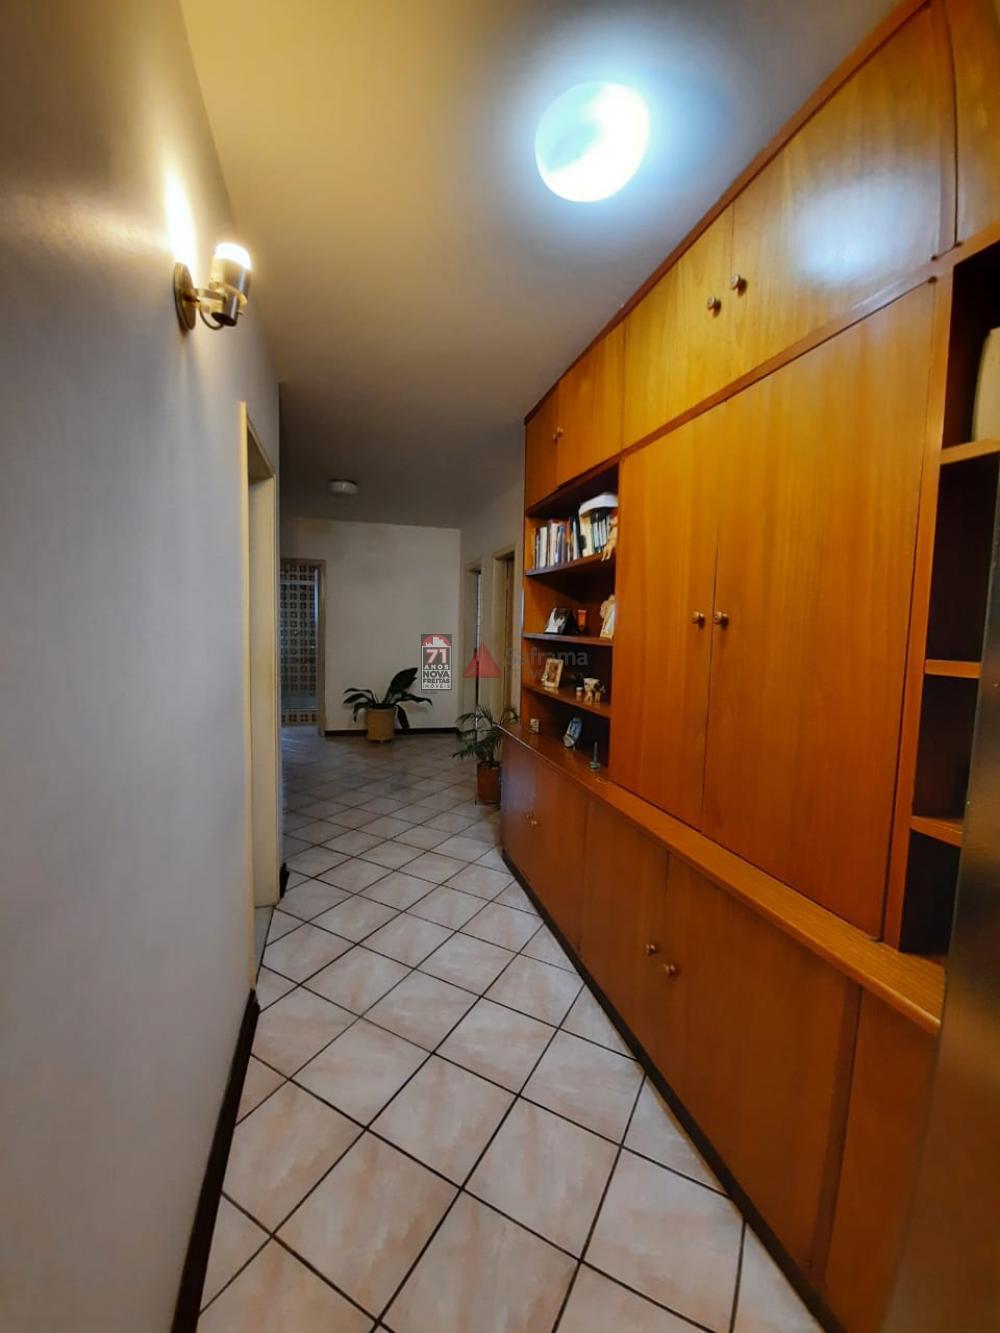 Comprar Casa / Condomínio em São José dos Campos apenas R$ 1.800.000,00 - Foto 9